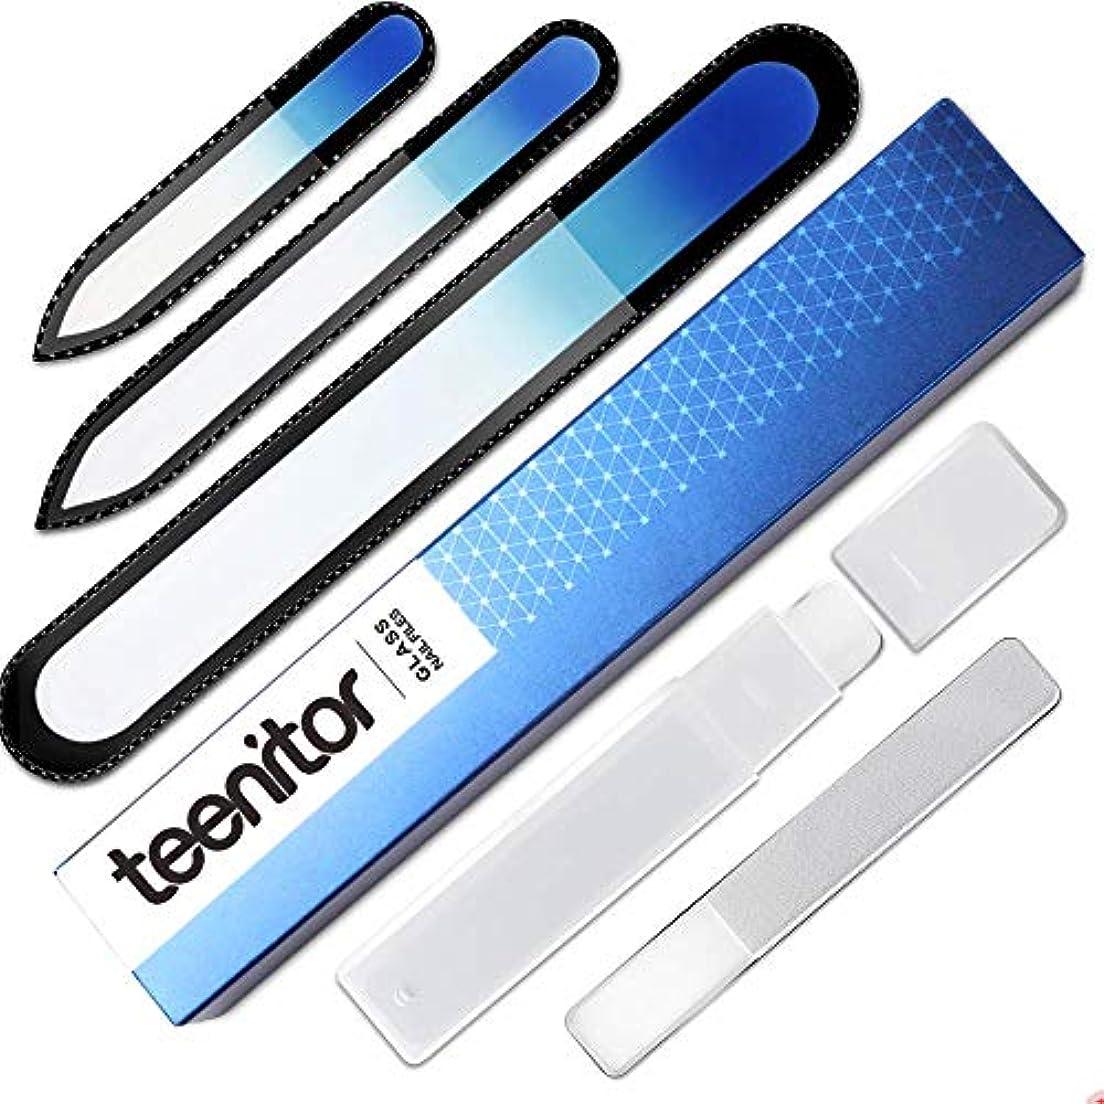 付けるバッジクレーターTeenitor 爪やすり ガラス 爪磨き ネイルファイル ガラス製 ネイルシャイナー ジェルネイルファイル 男女兼用 ネイルケア5点セット 専用ケース付 つめみがき つめやすり チェコ